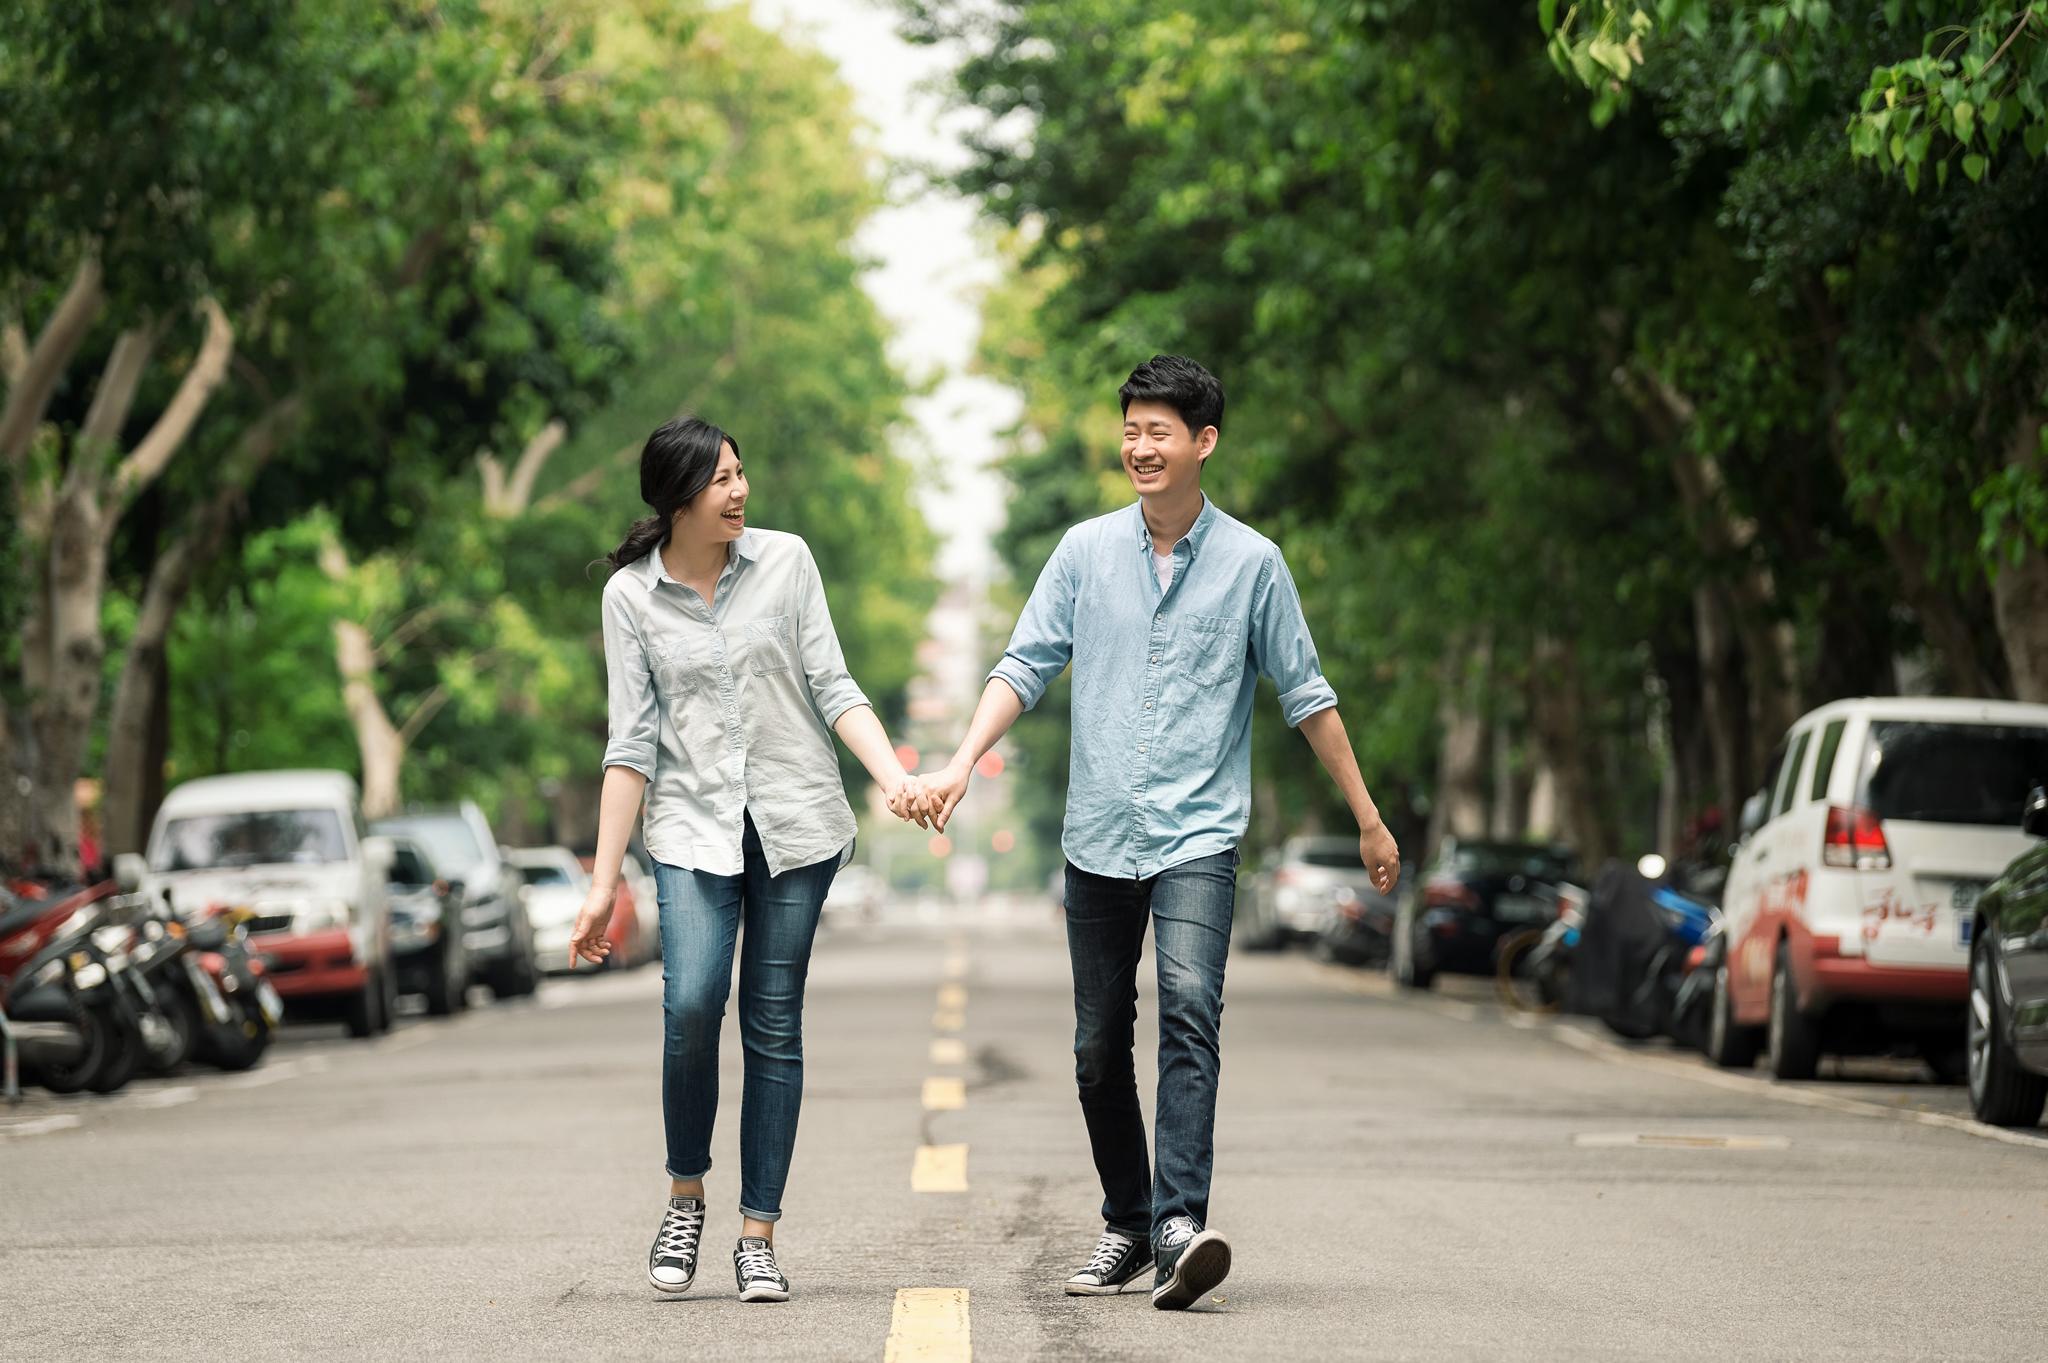 Liang-315